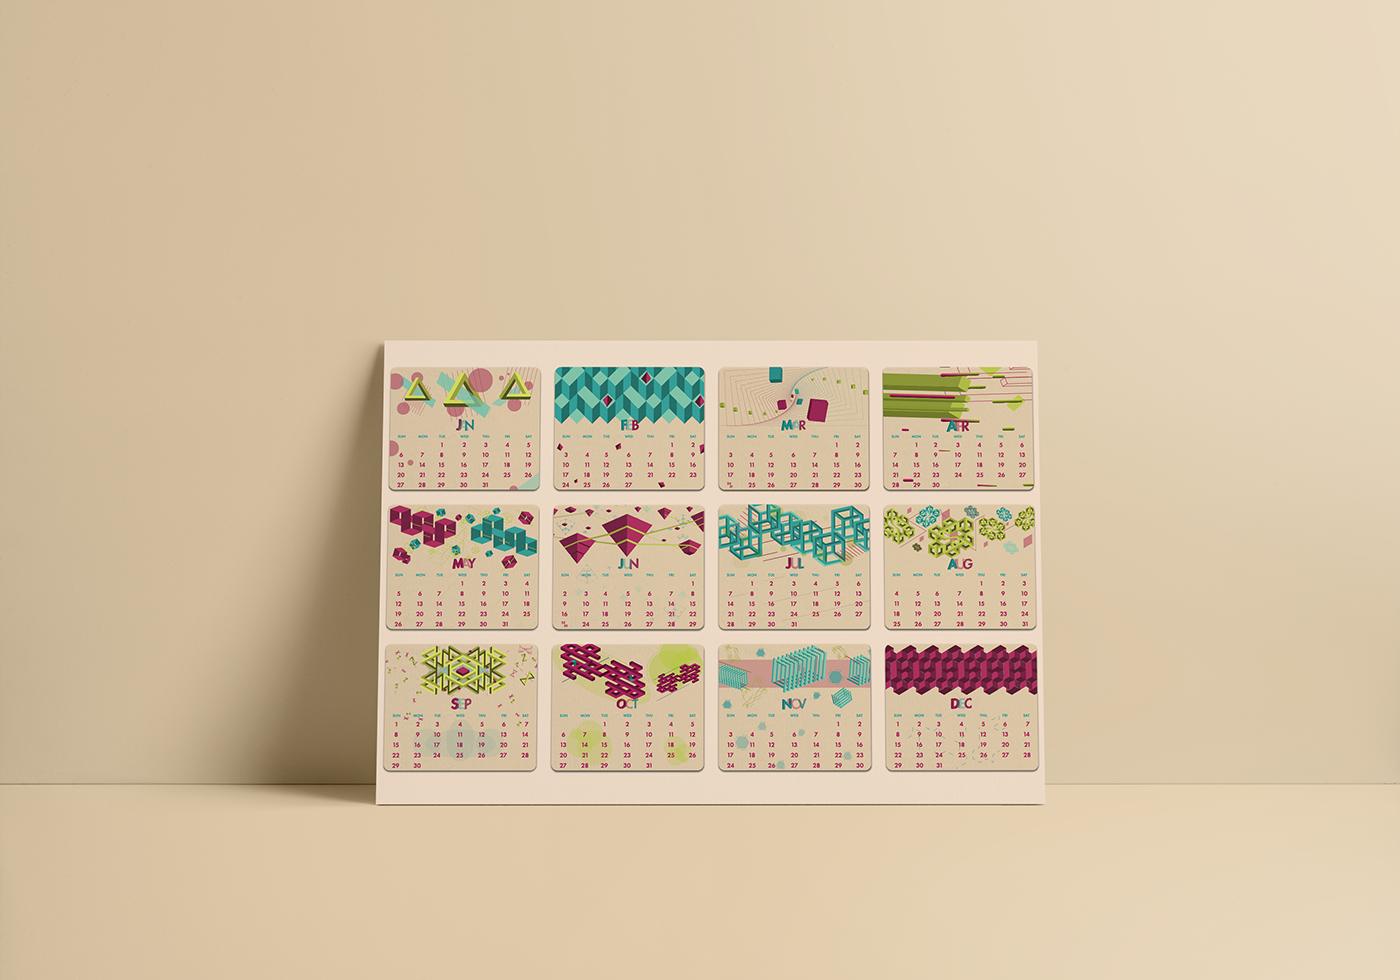 精品的36個月曆設計欣賞